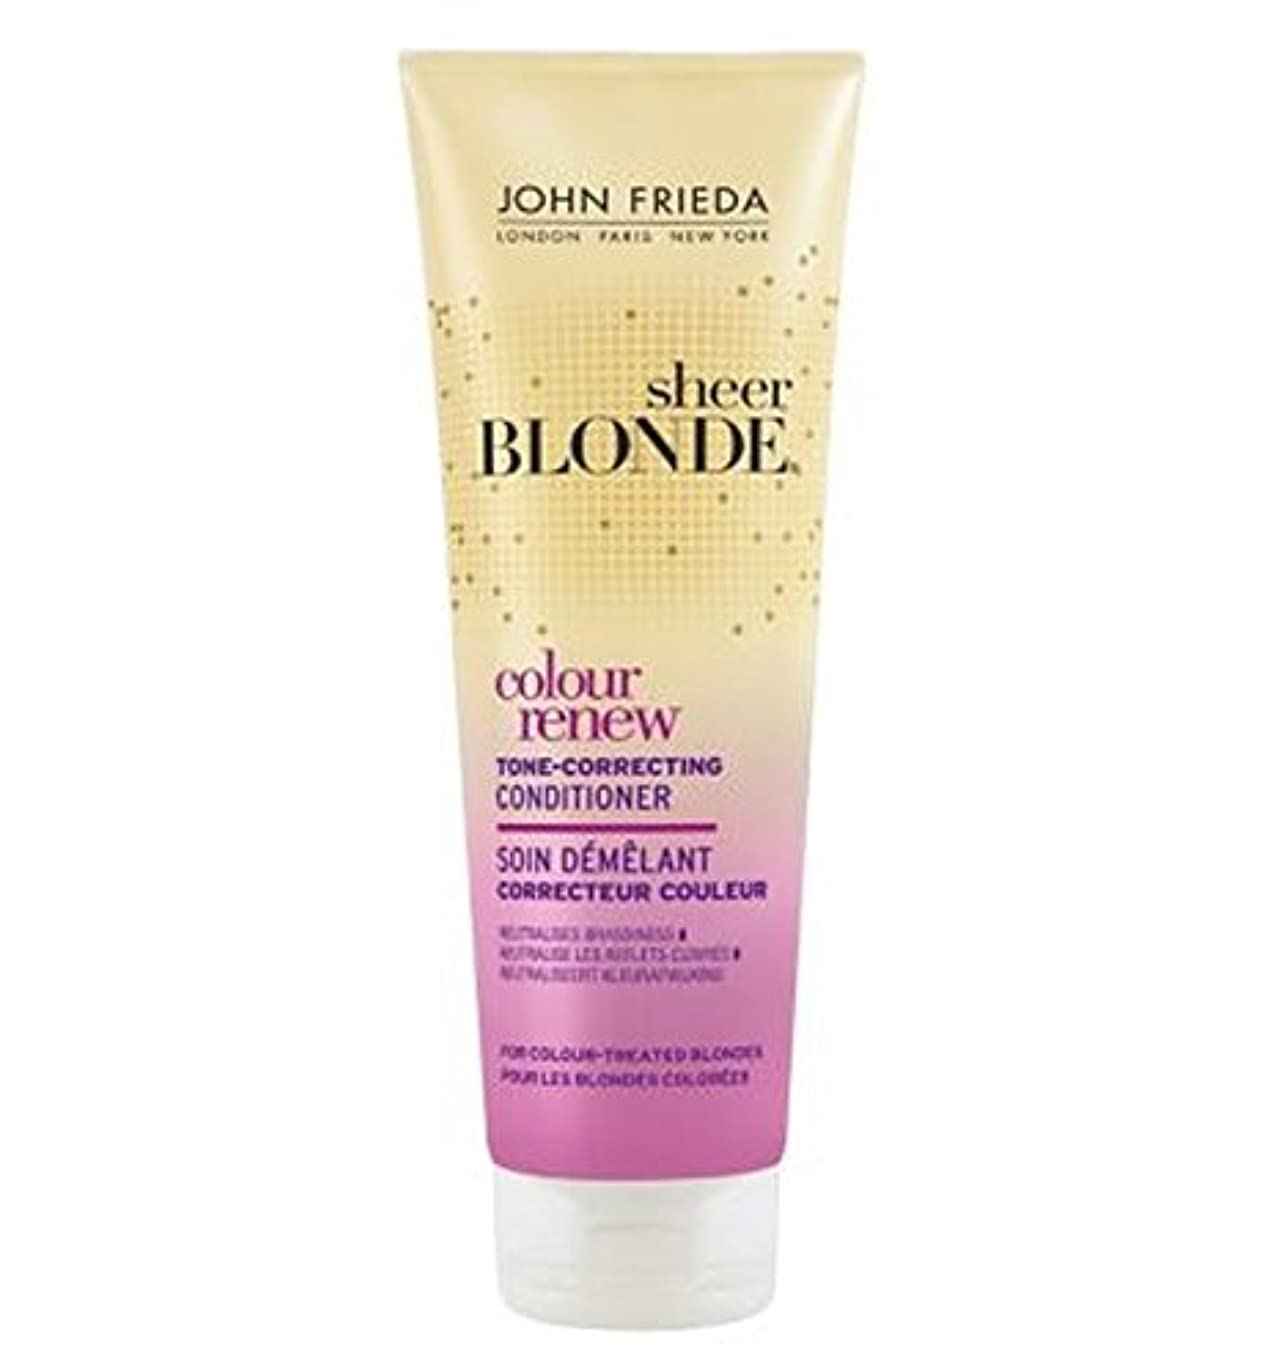 テンション荒廃する考えたジョン?フリーダ薄手のブロンド色は色調補正コンディショナー250ミリリットルを更新します (John Frieda) (x2) - John Frieda Sheer Blonde Colour Renew Tone Correcting...